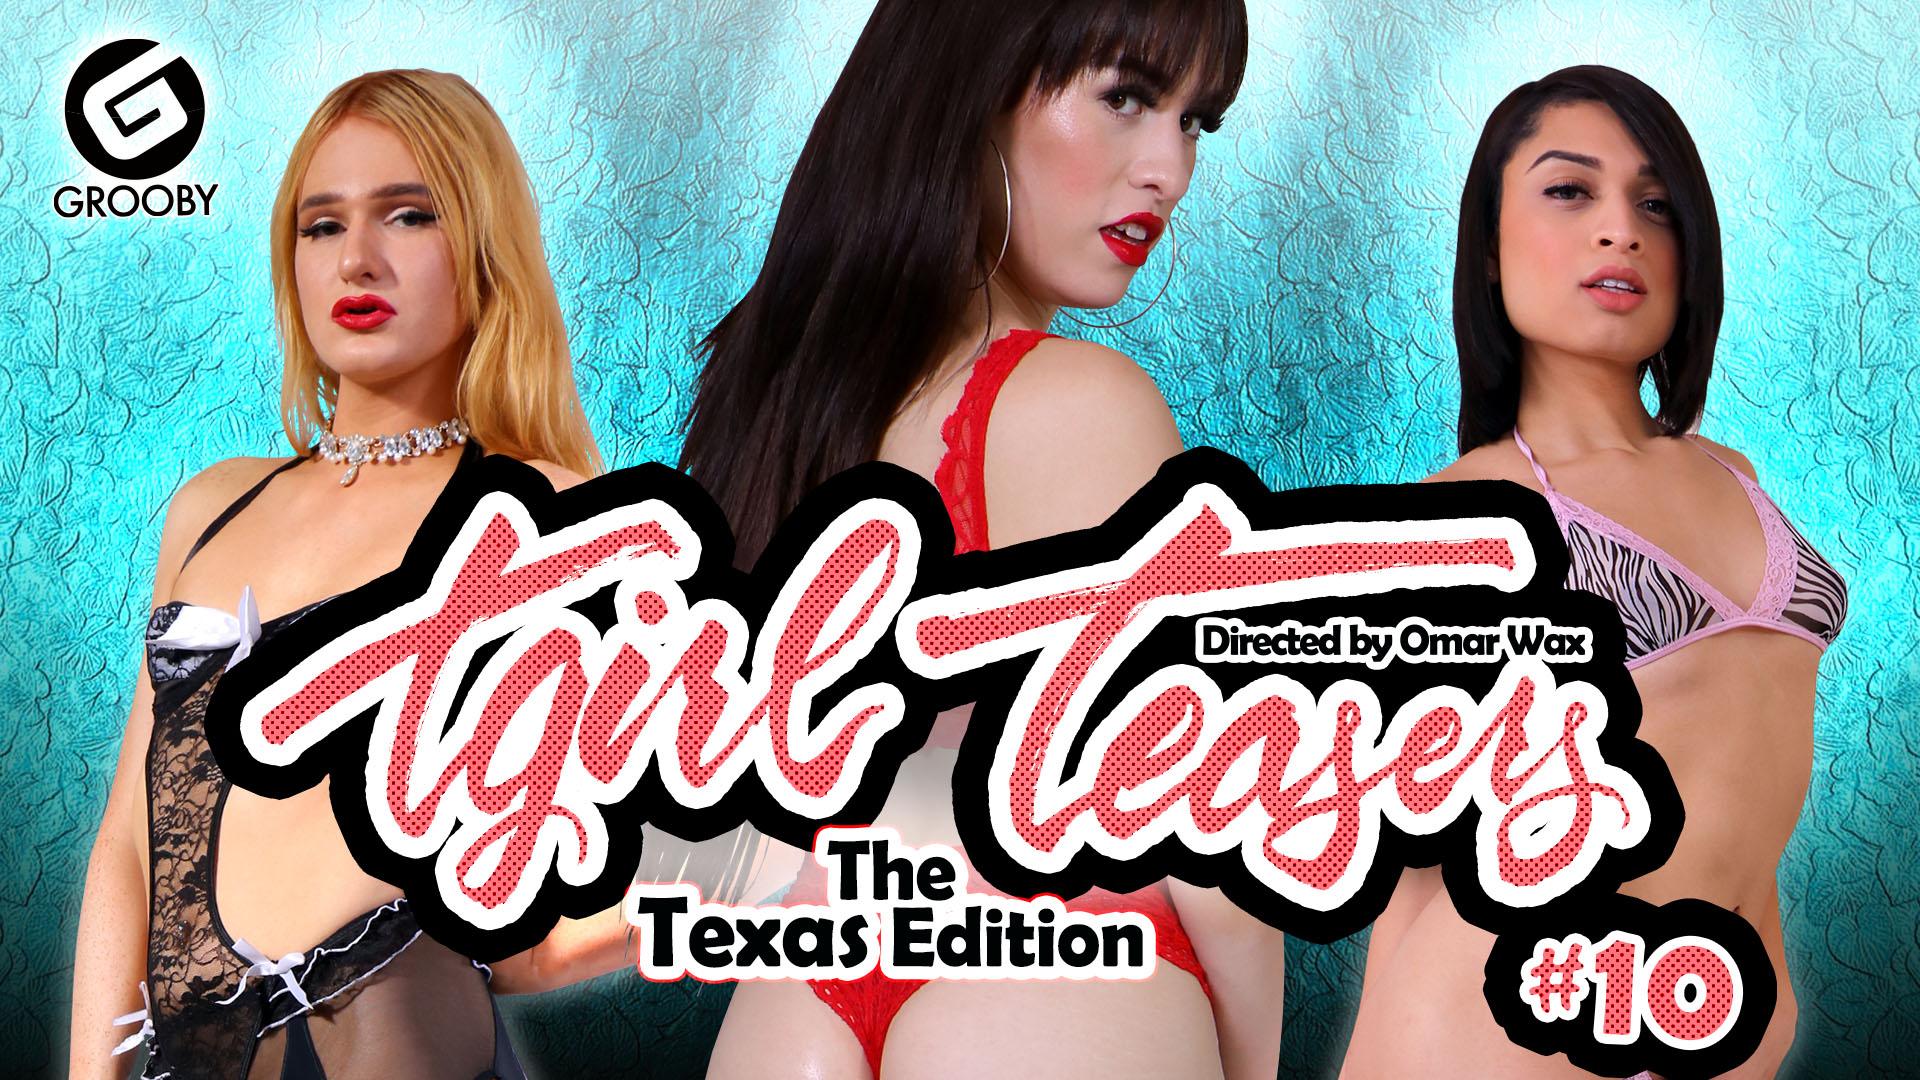 Tgirl Teasers 10 Texas Edition -DVD Trailer